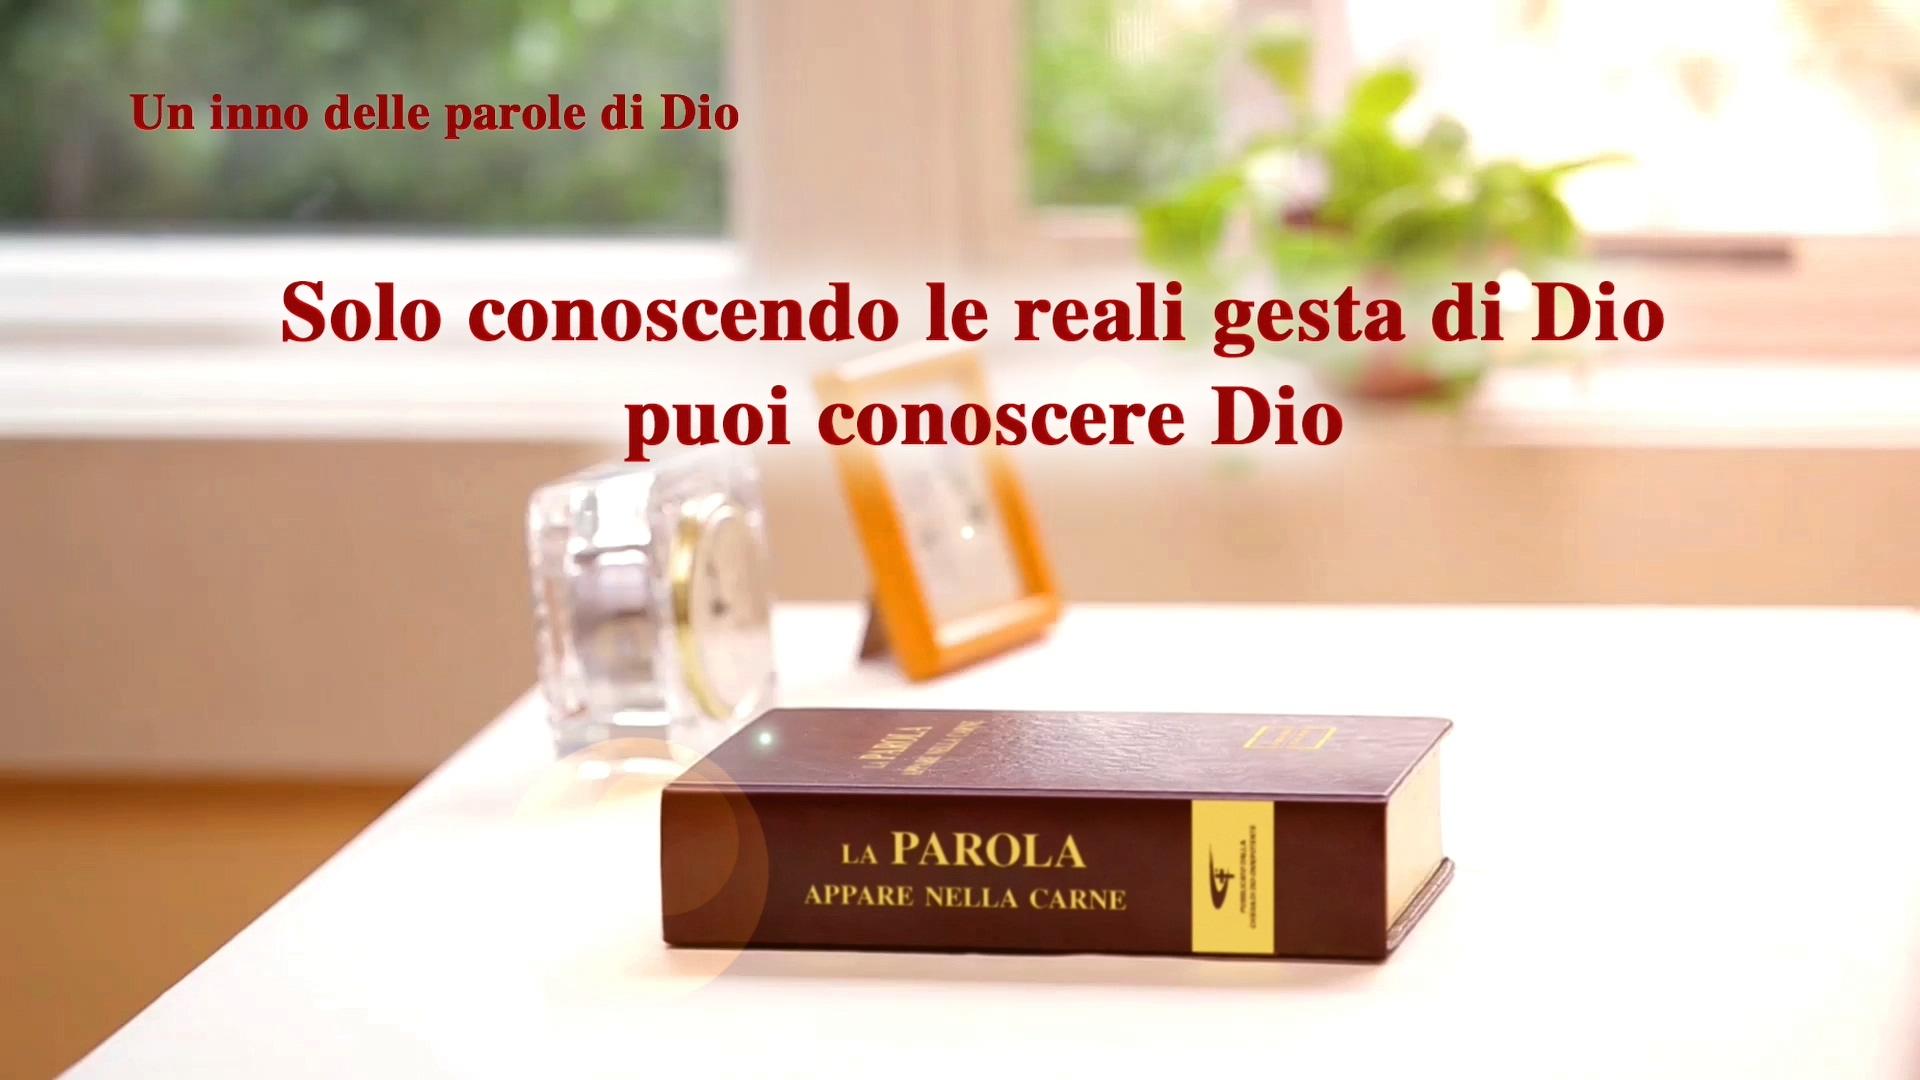 Un inno delle parole di Dio   Solo conoscendo le reali gesta di Dio puoi conoscere Dio   Lodare Dio Onnipotente